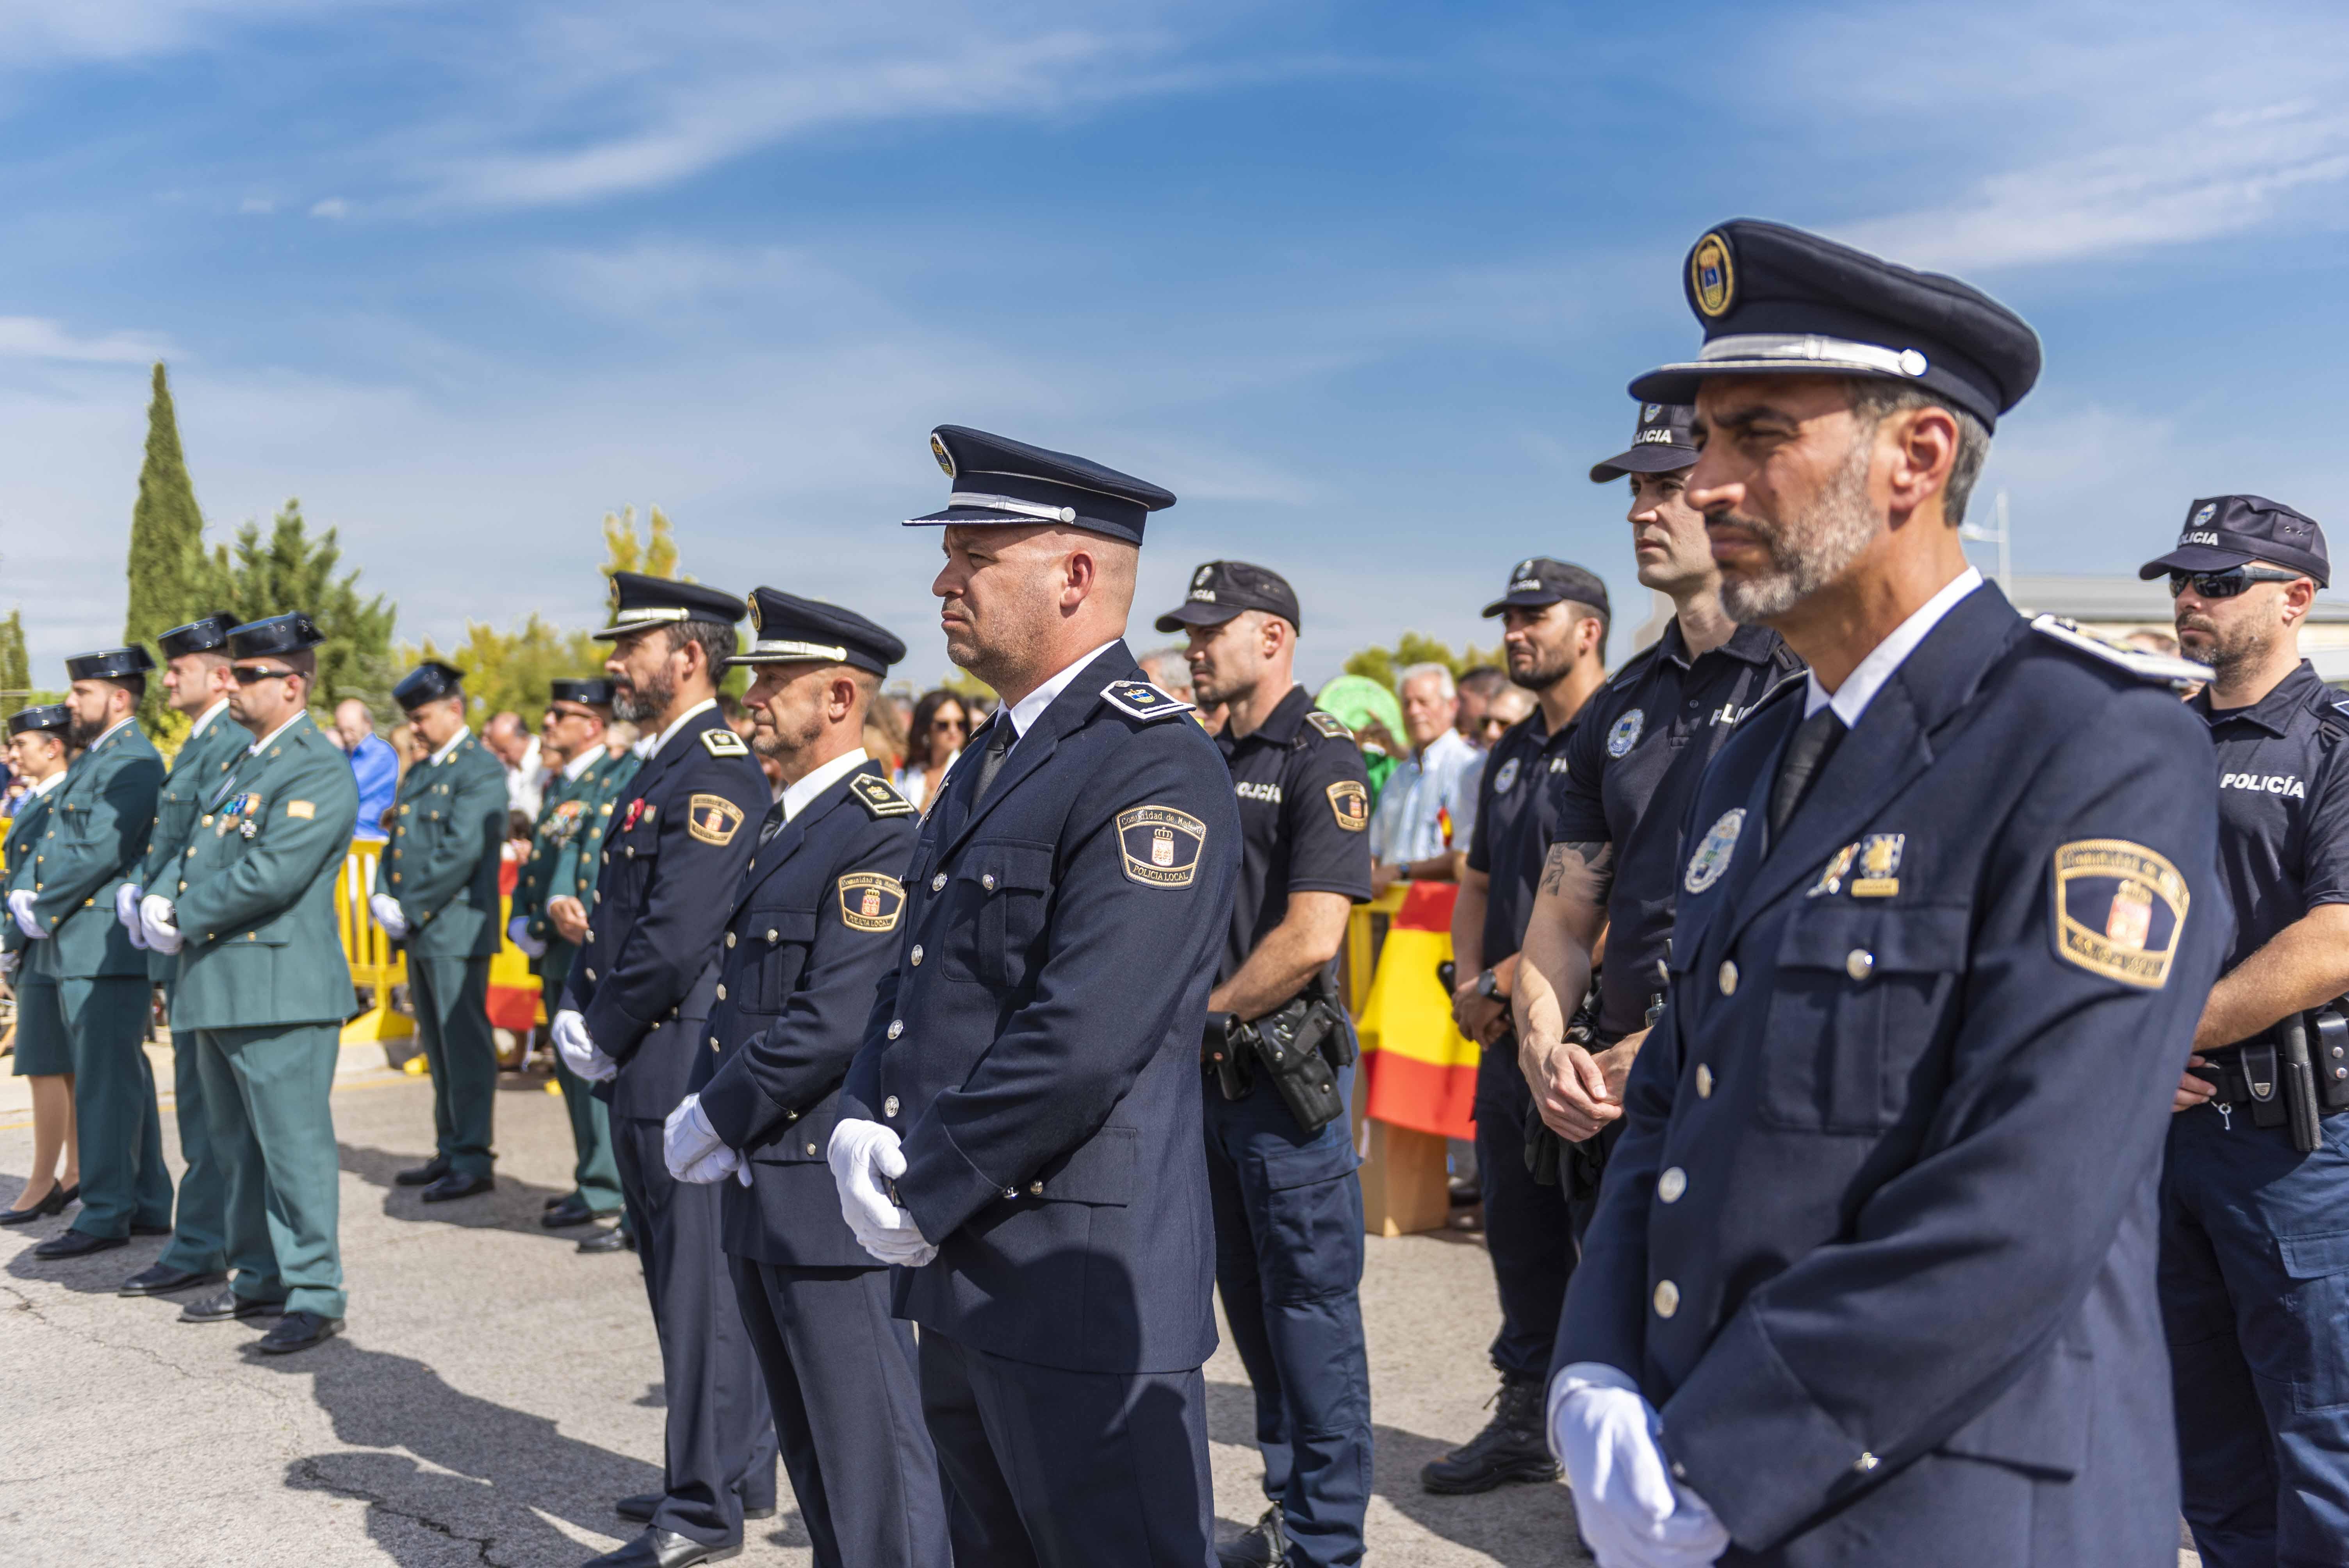 Miembros de Policía Local en formación durante el acto